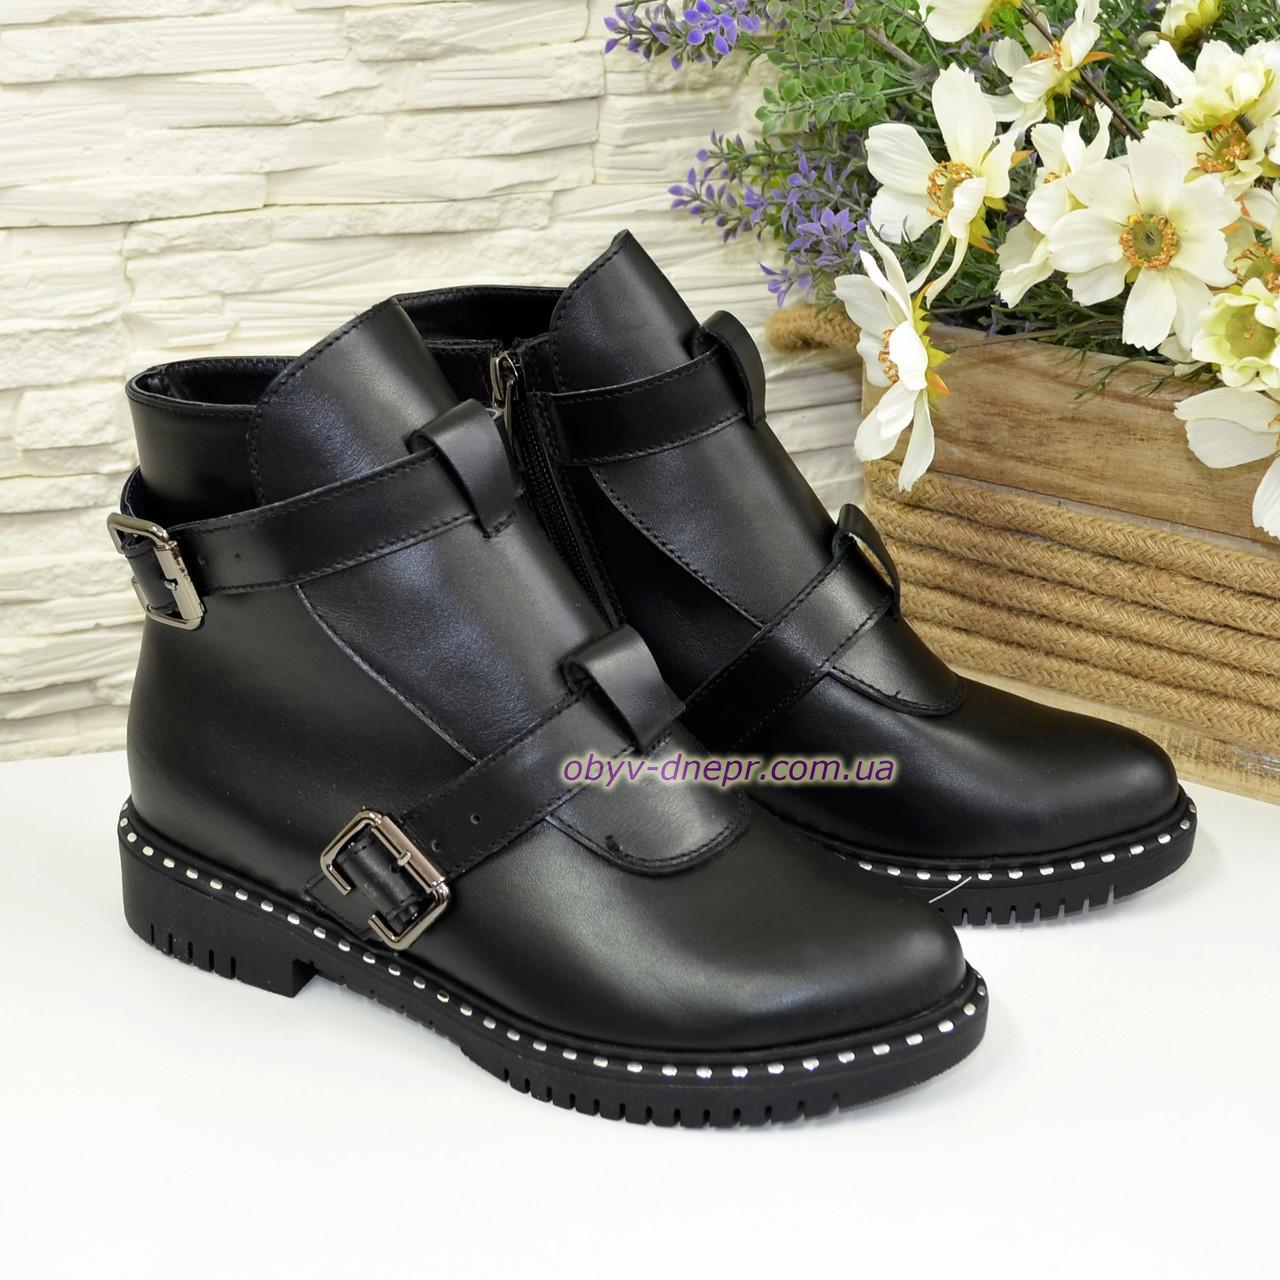 Ботинки кожаные зимние на низком ходу, декорированы ремешками. 37 размер